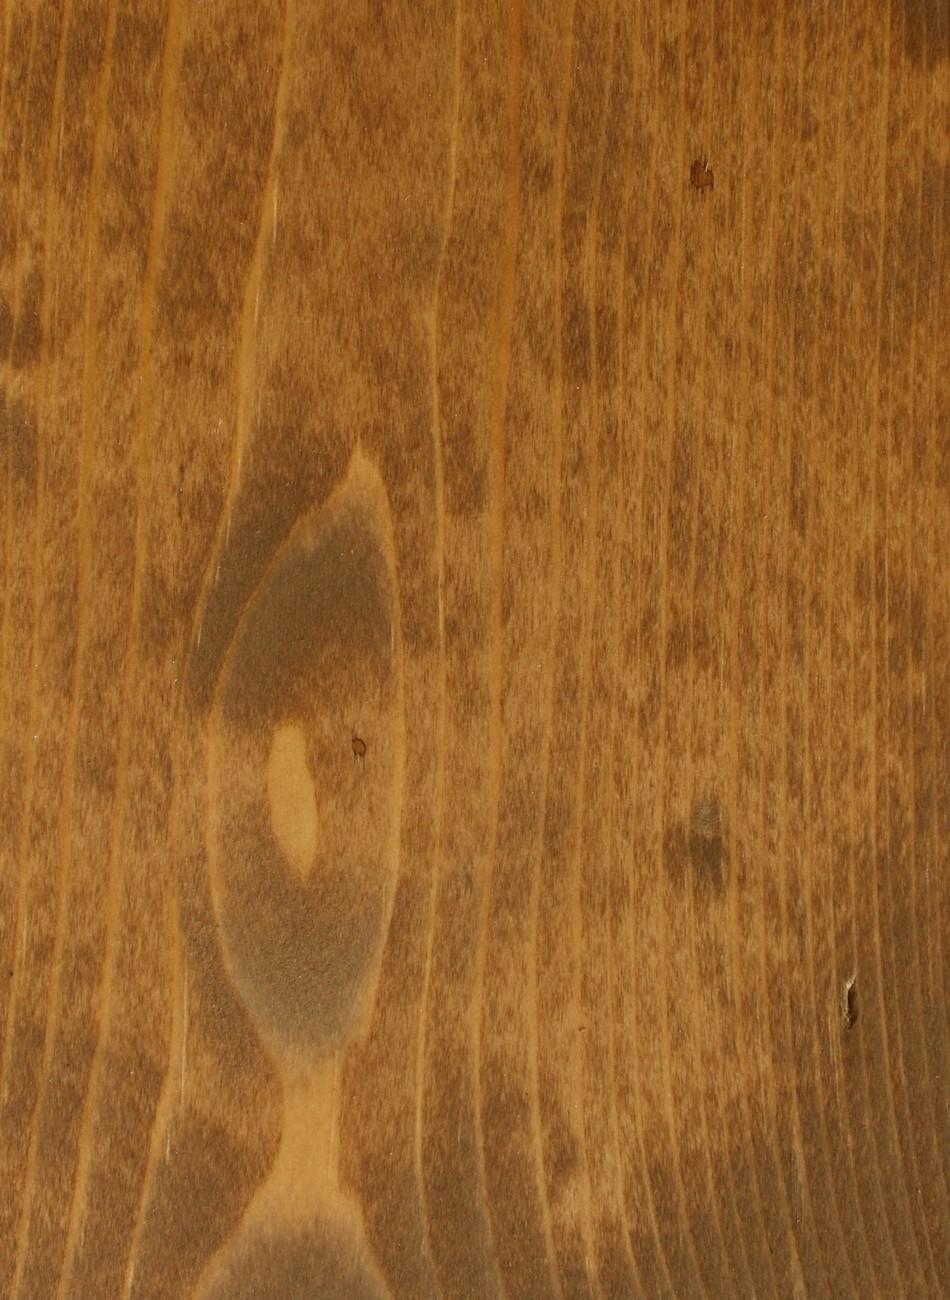 COLORI IMPREGNATURA - Strutture e coperture in legno.